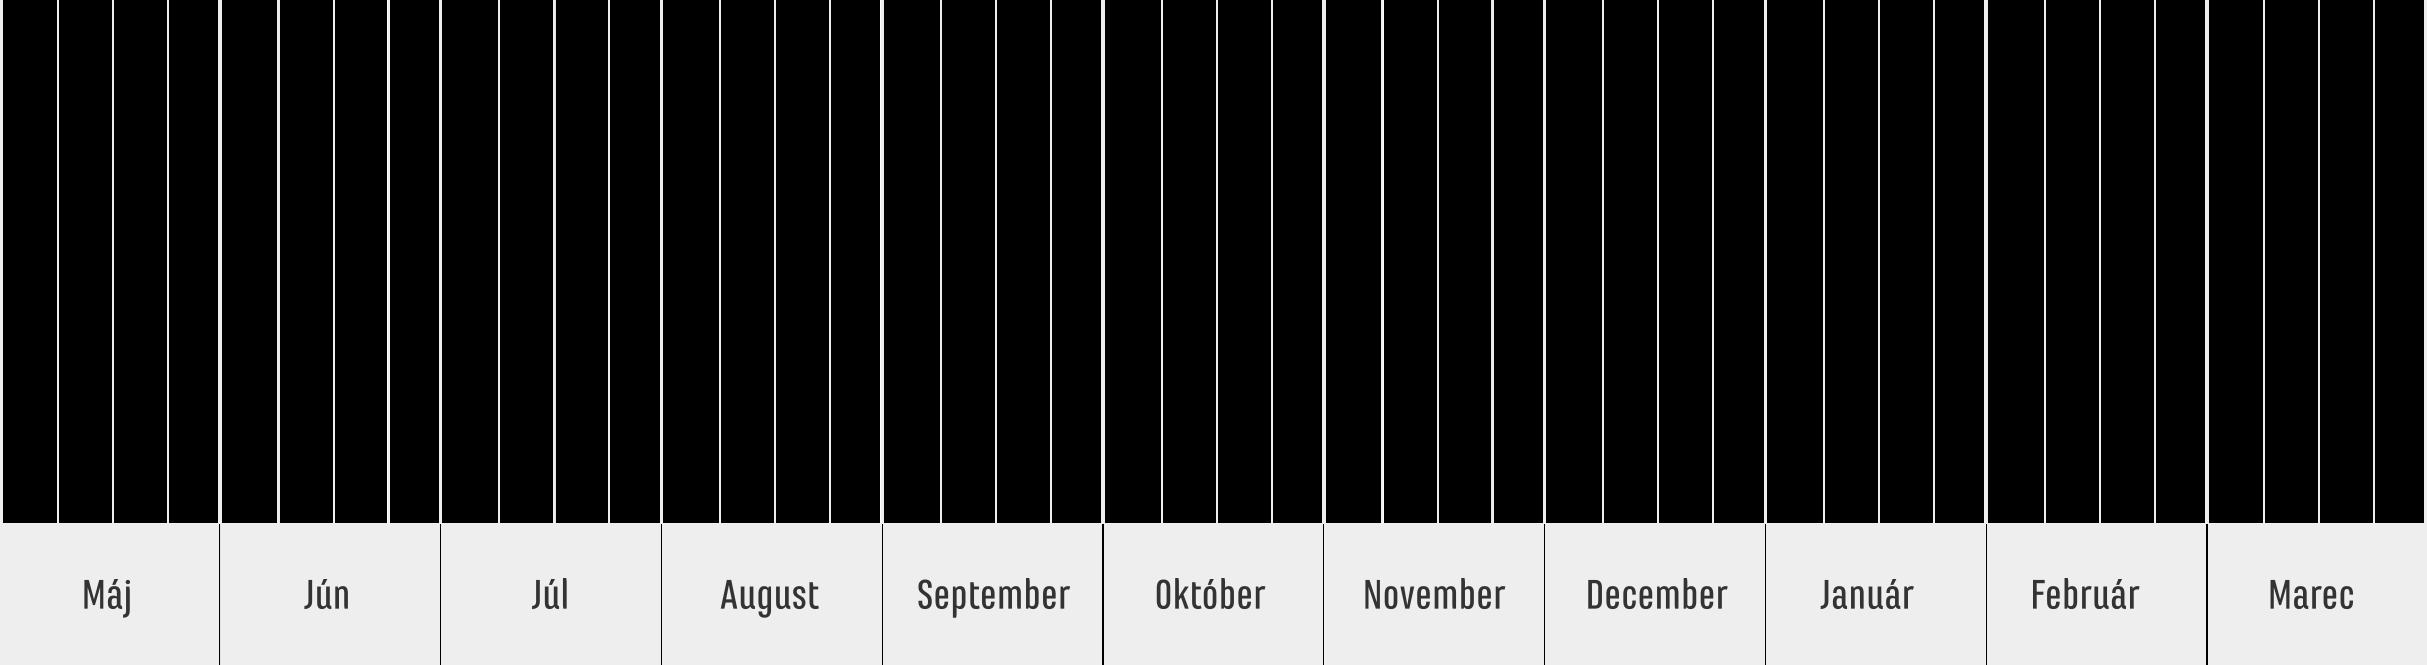 [timeline]